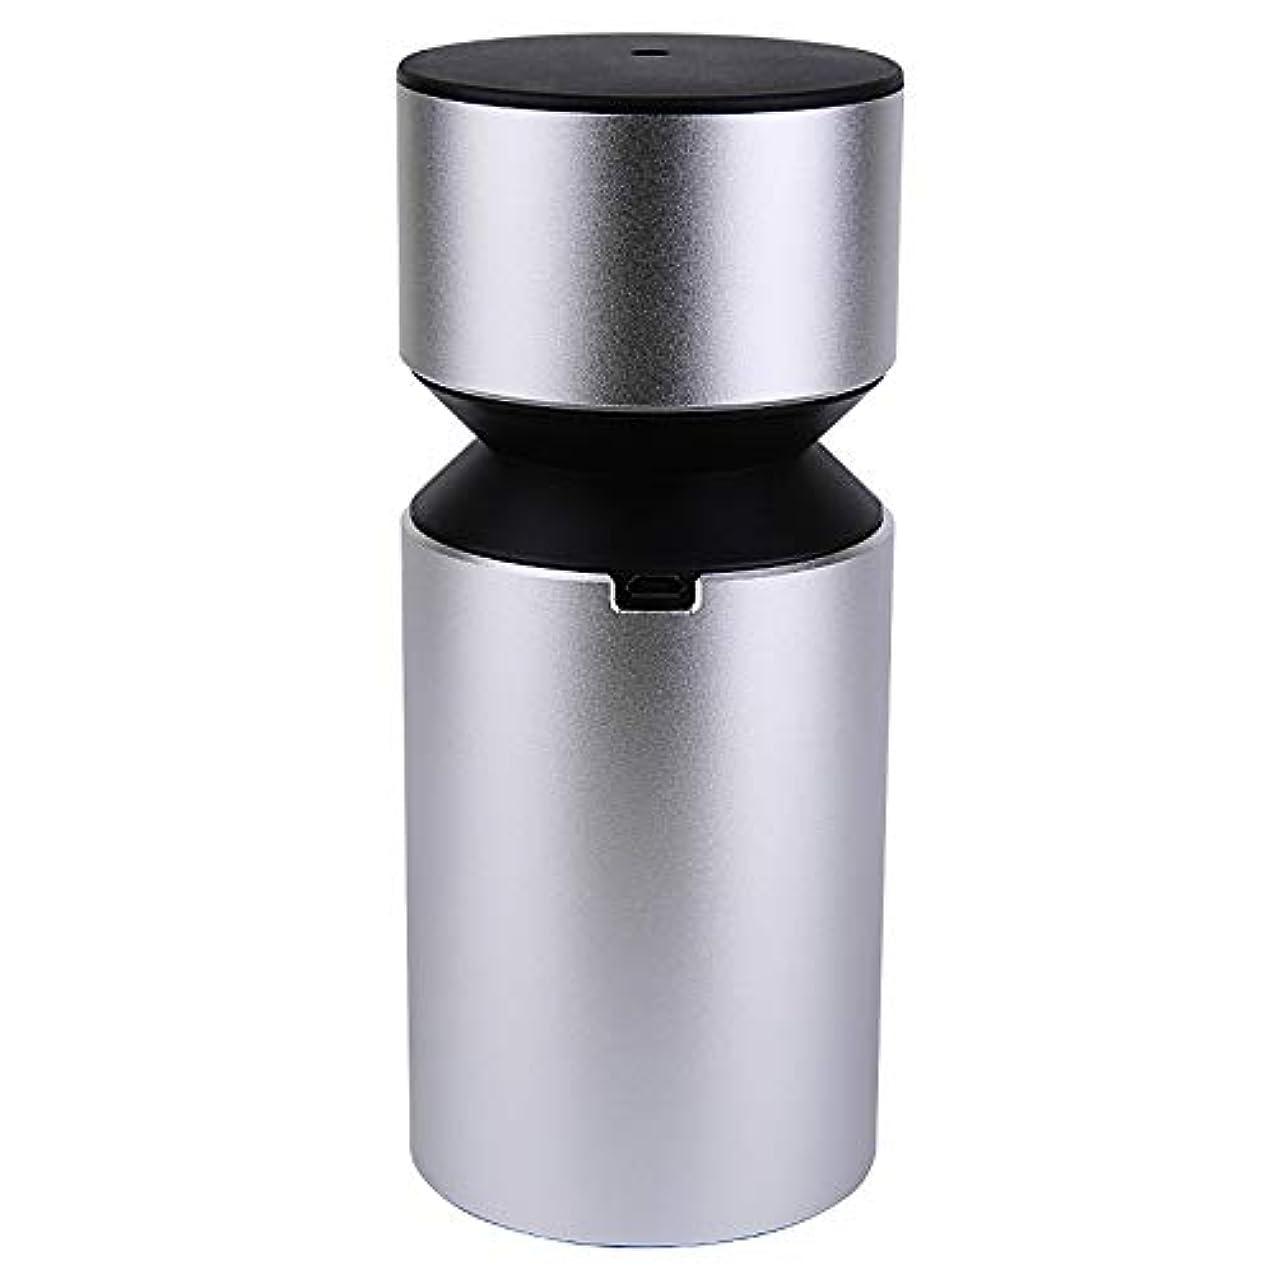 意味のあるマトリックス裸アロマディフューザー 車載用 ネブライザー式 充電式 静音 精油瓶1個スポイト付きT11-ENS068N (シルバー)